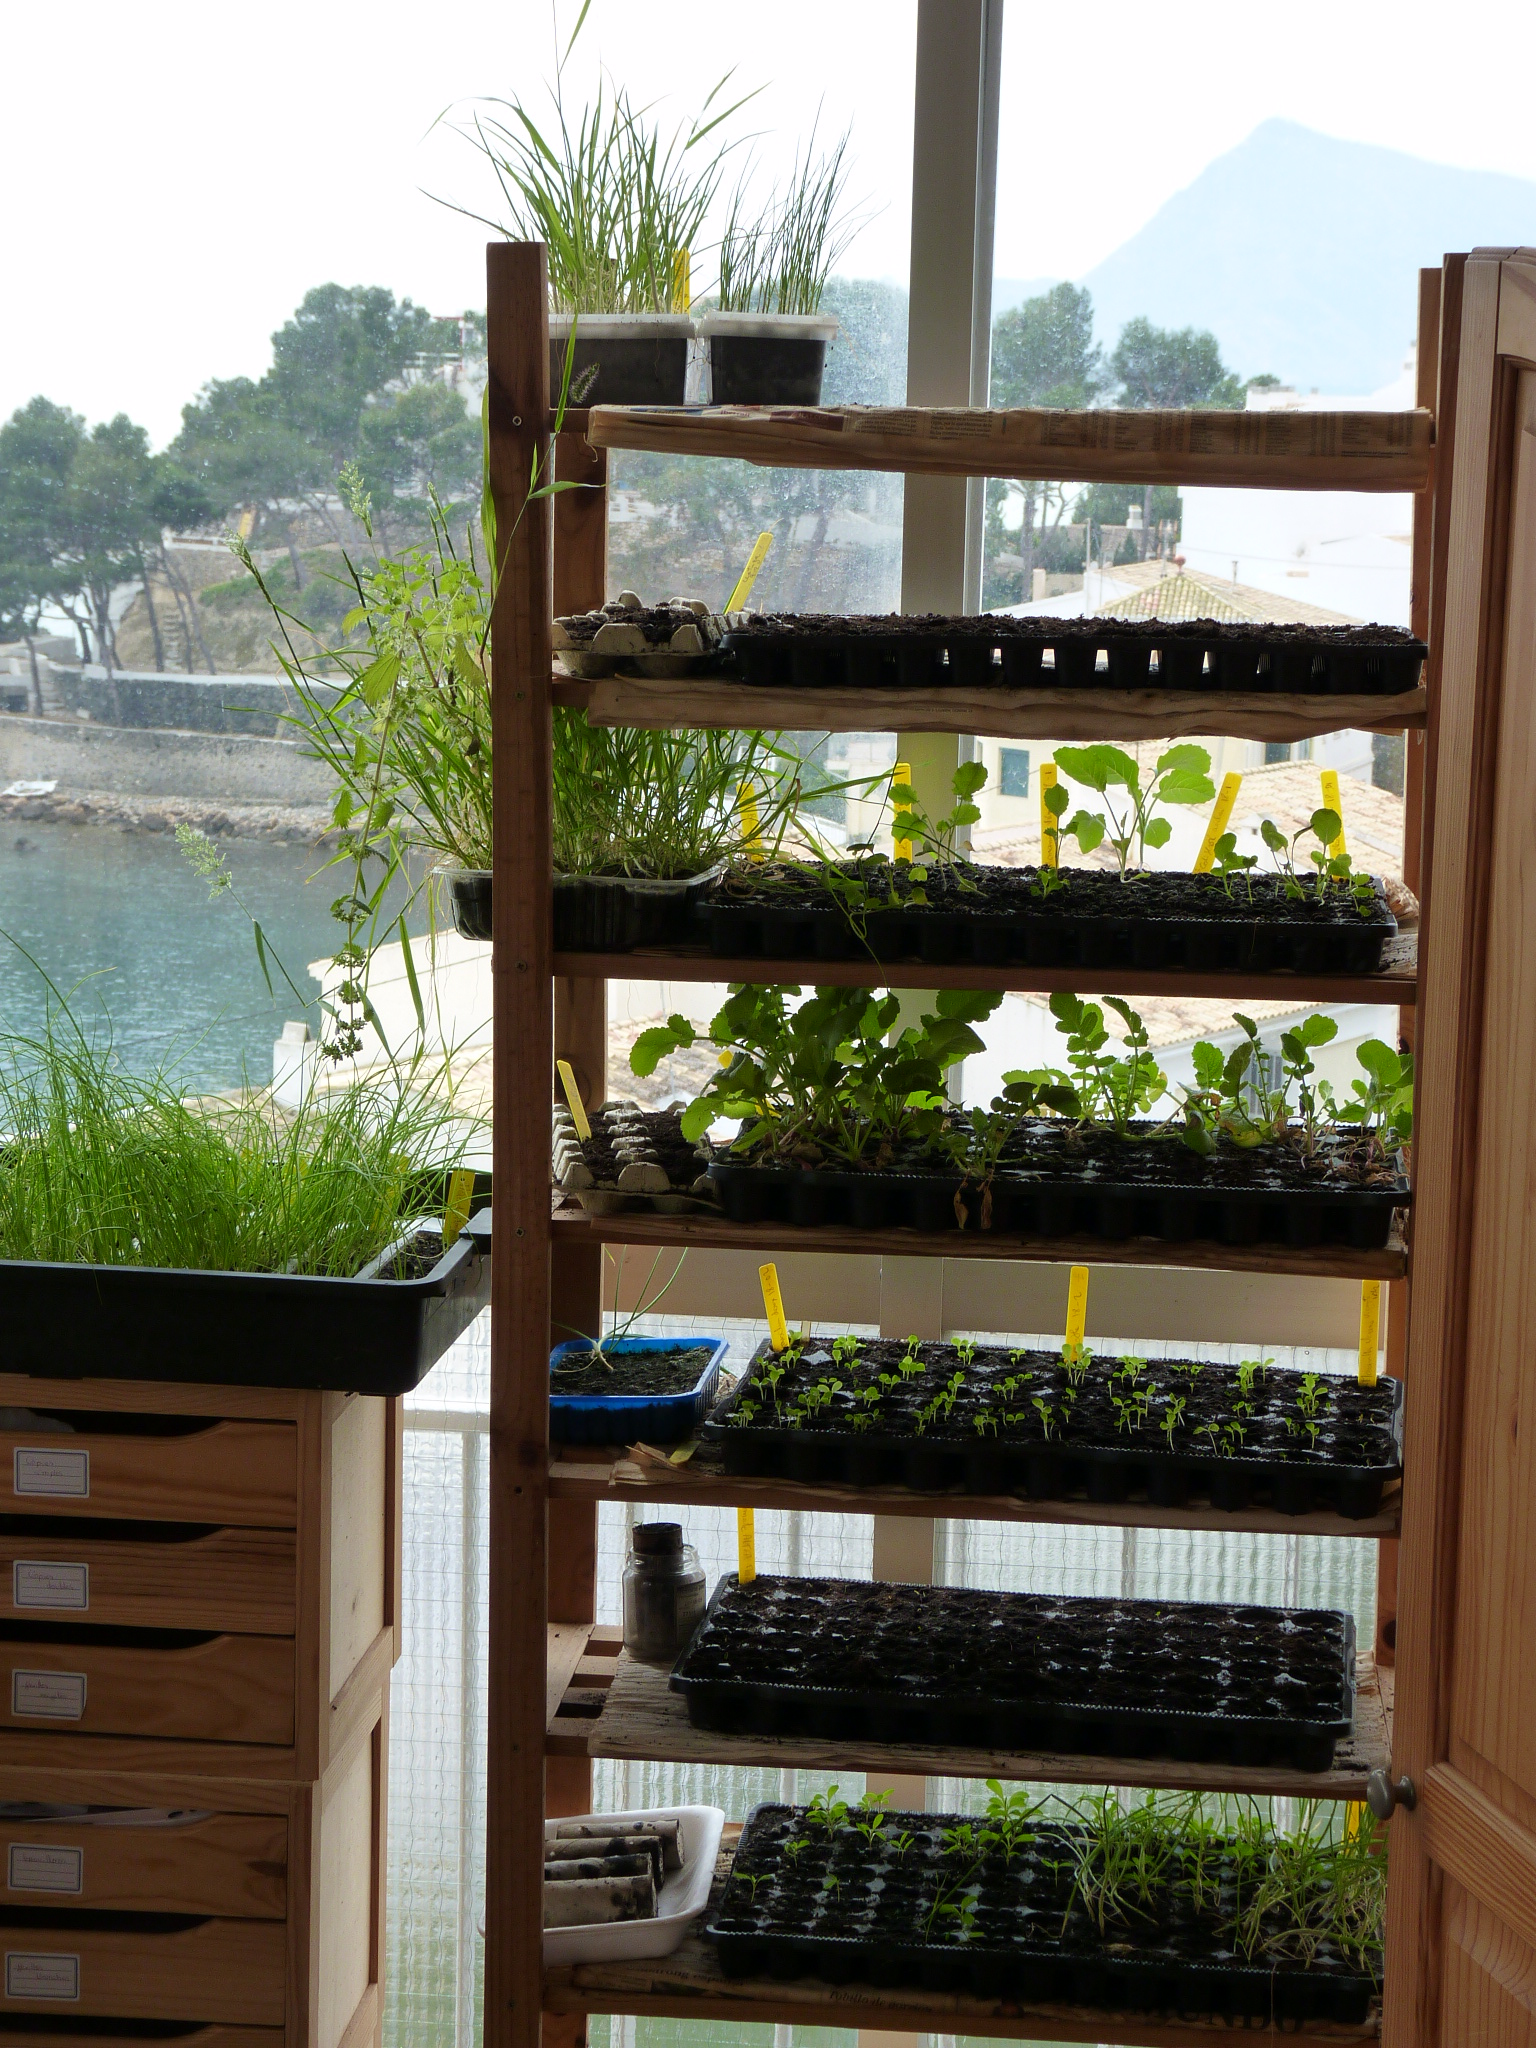 La calidad de los plantones comprados en viveros o - Estanteria para plantas ...